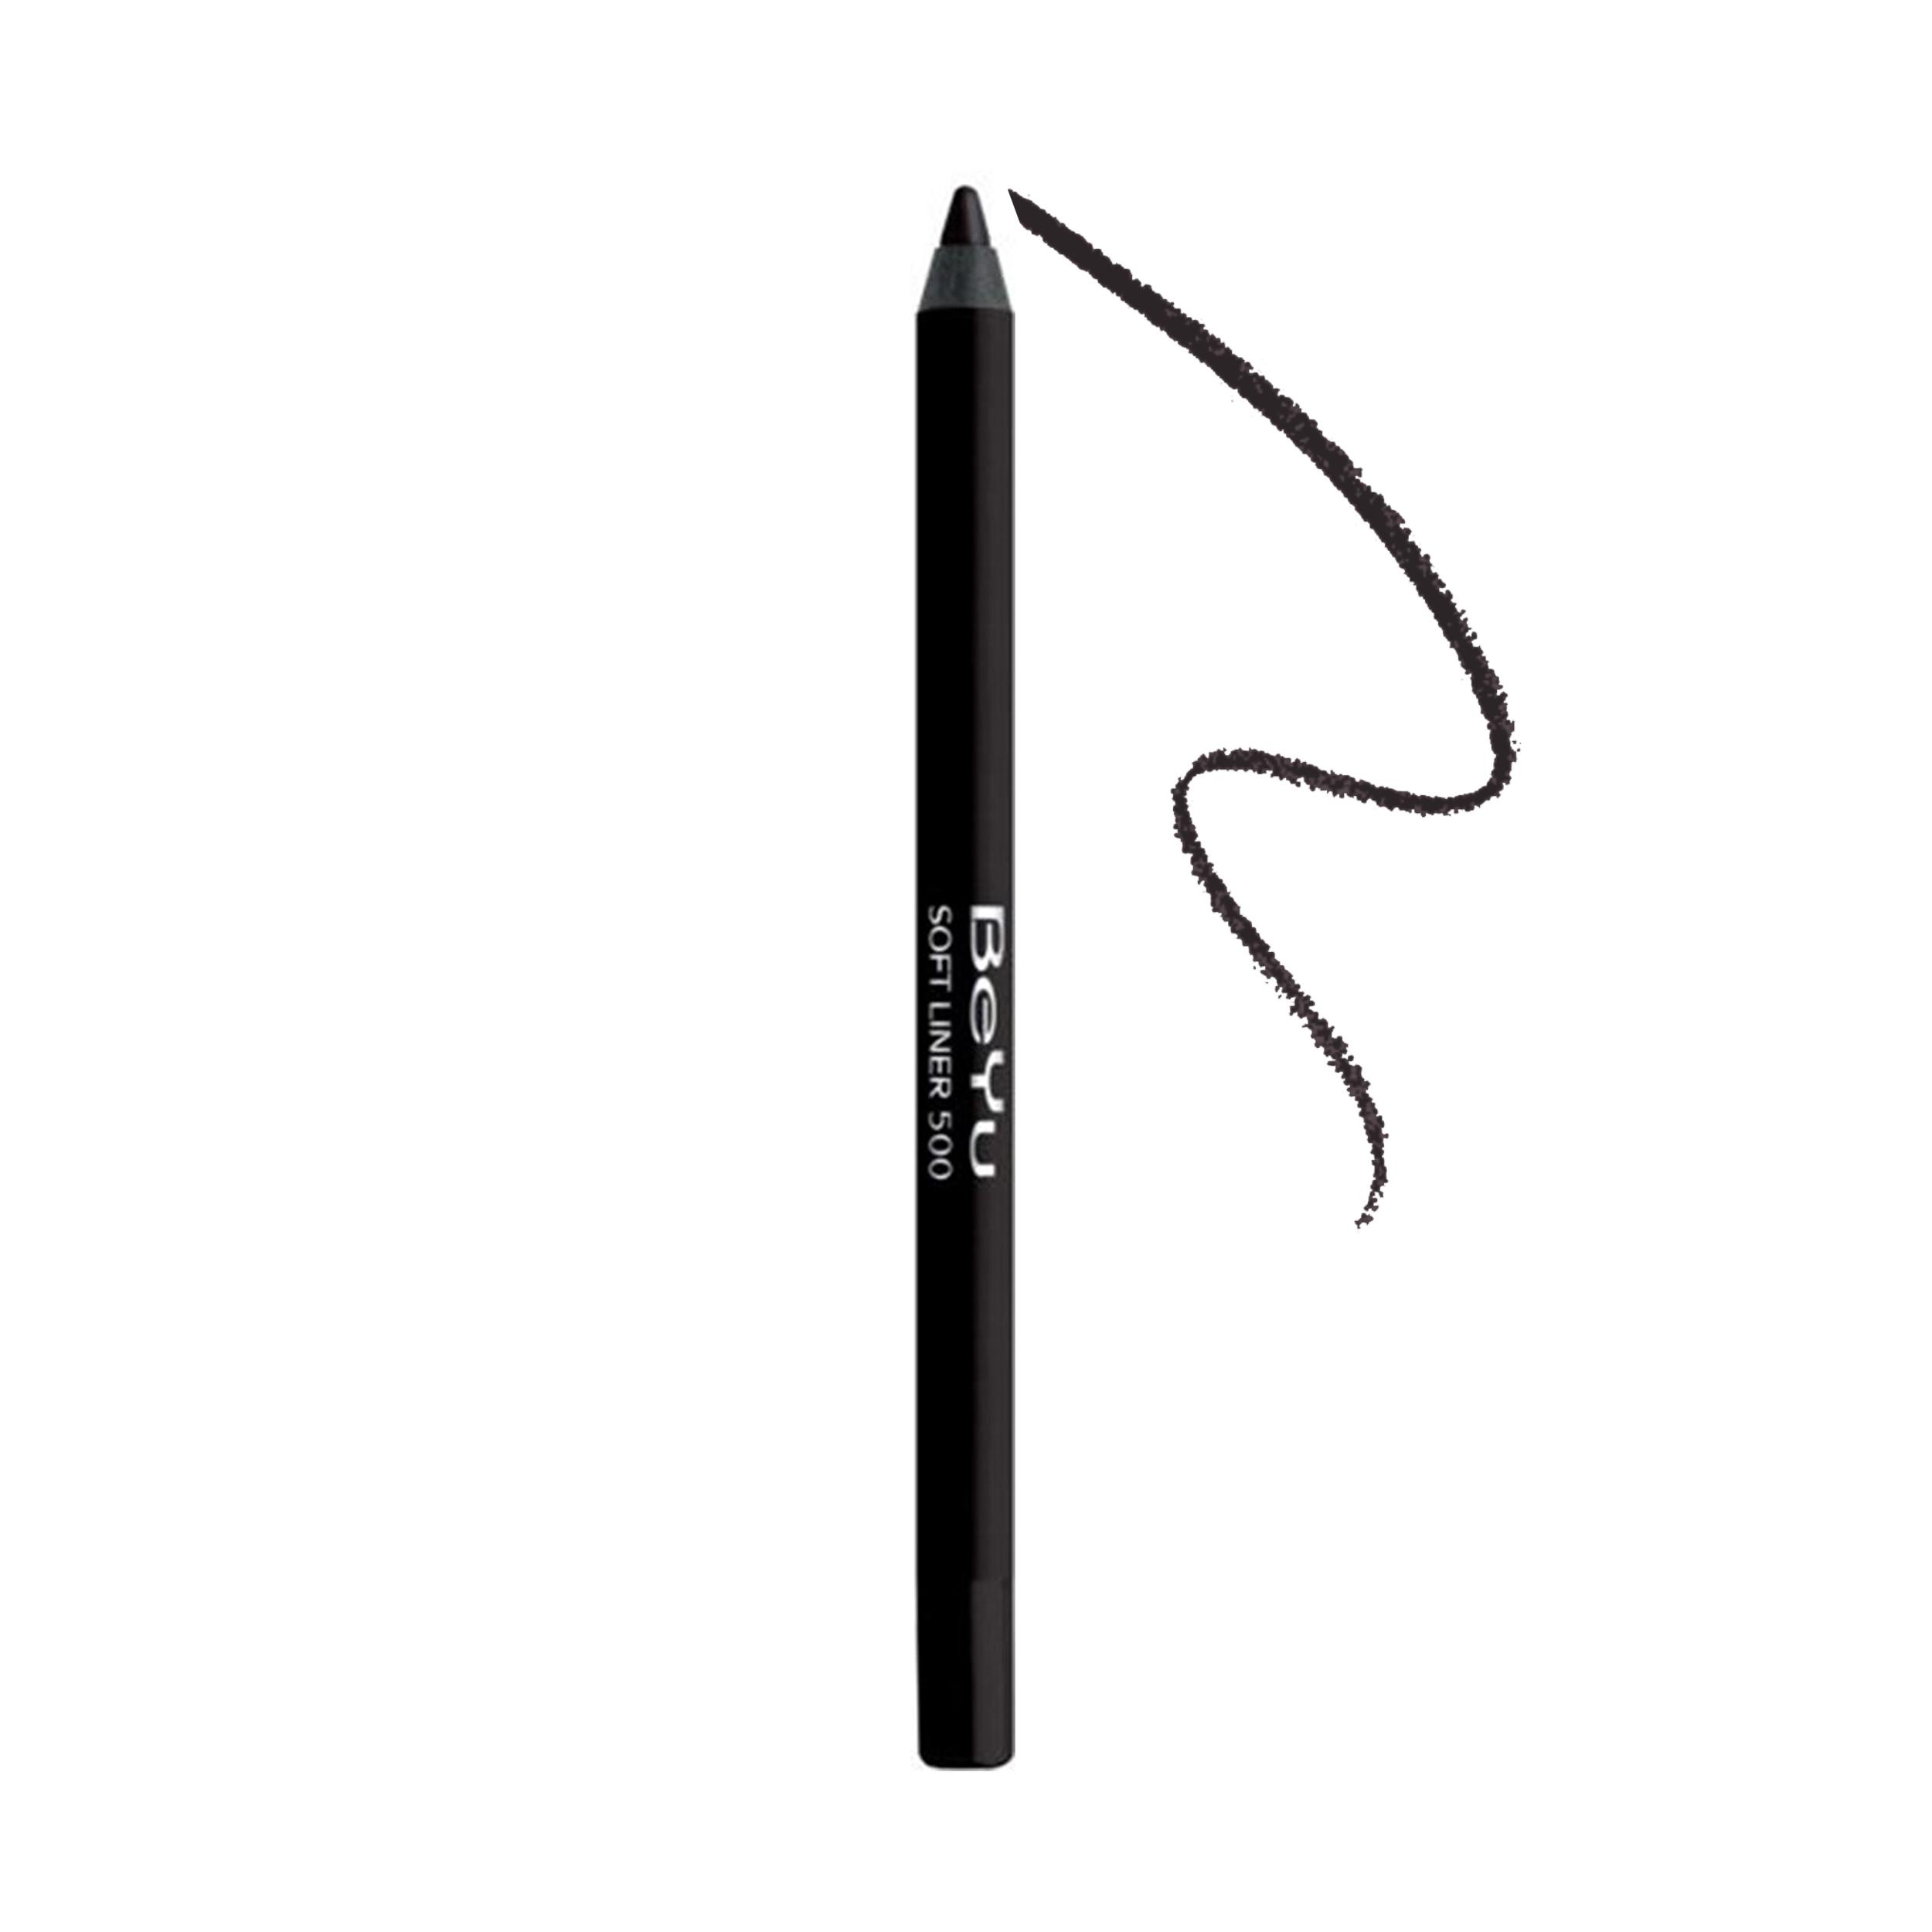 مداد لب بی یو سری Softline شماره 500 -  - 1